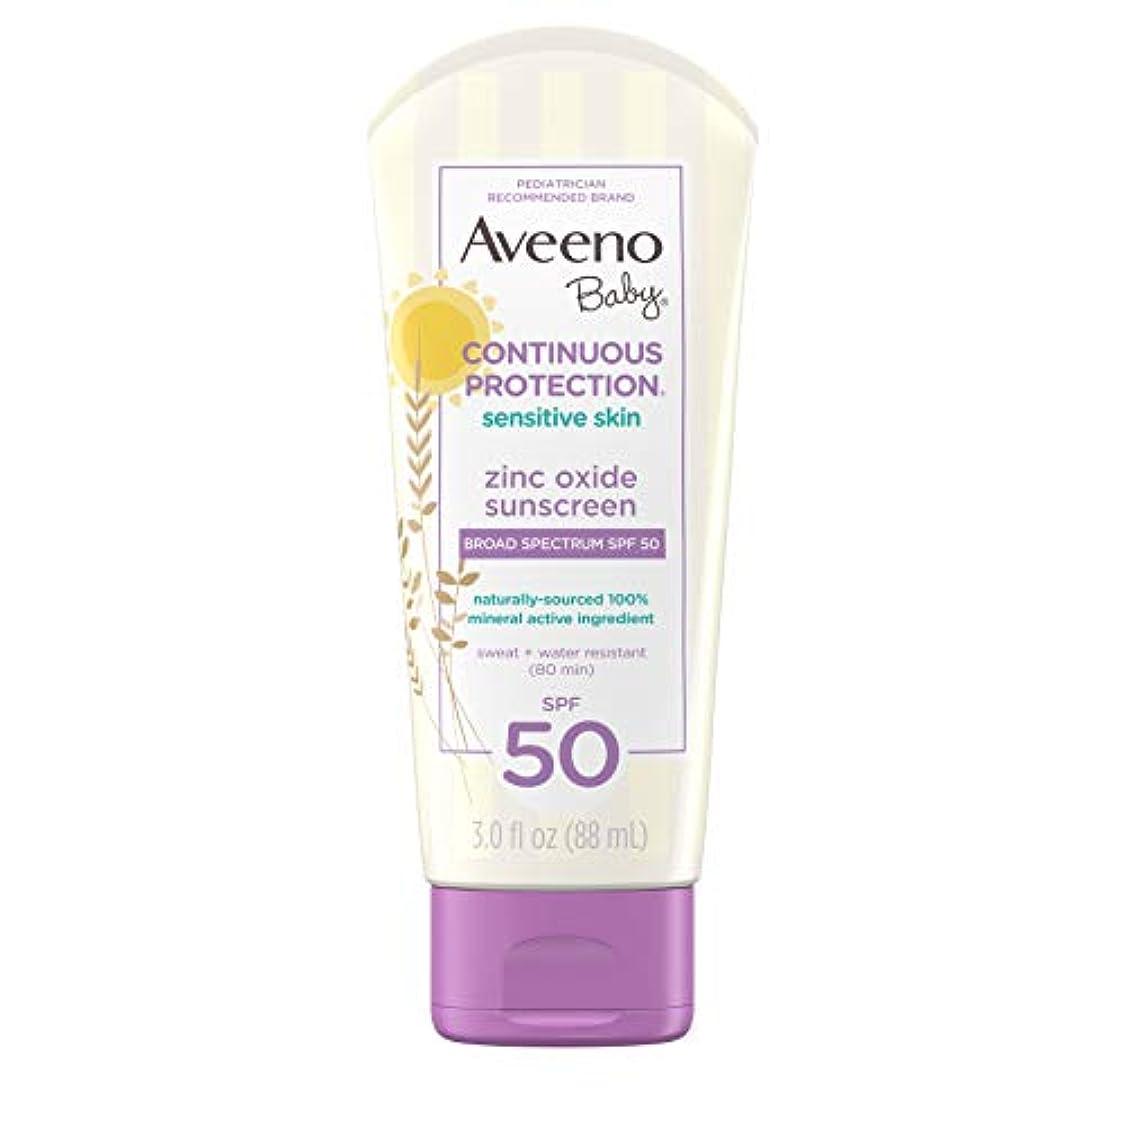 ソース飼料任命Aveeno Baby 広域スペクトルのSPF 50、涙フリー、Sweat-&耐水性、旅行、サイズ、3フロリダで敏感肌用のContinuous Protection酸化亜鉛ミネラル日焼け止めローション。オズ